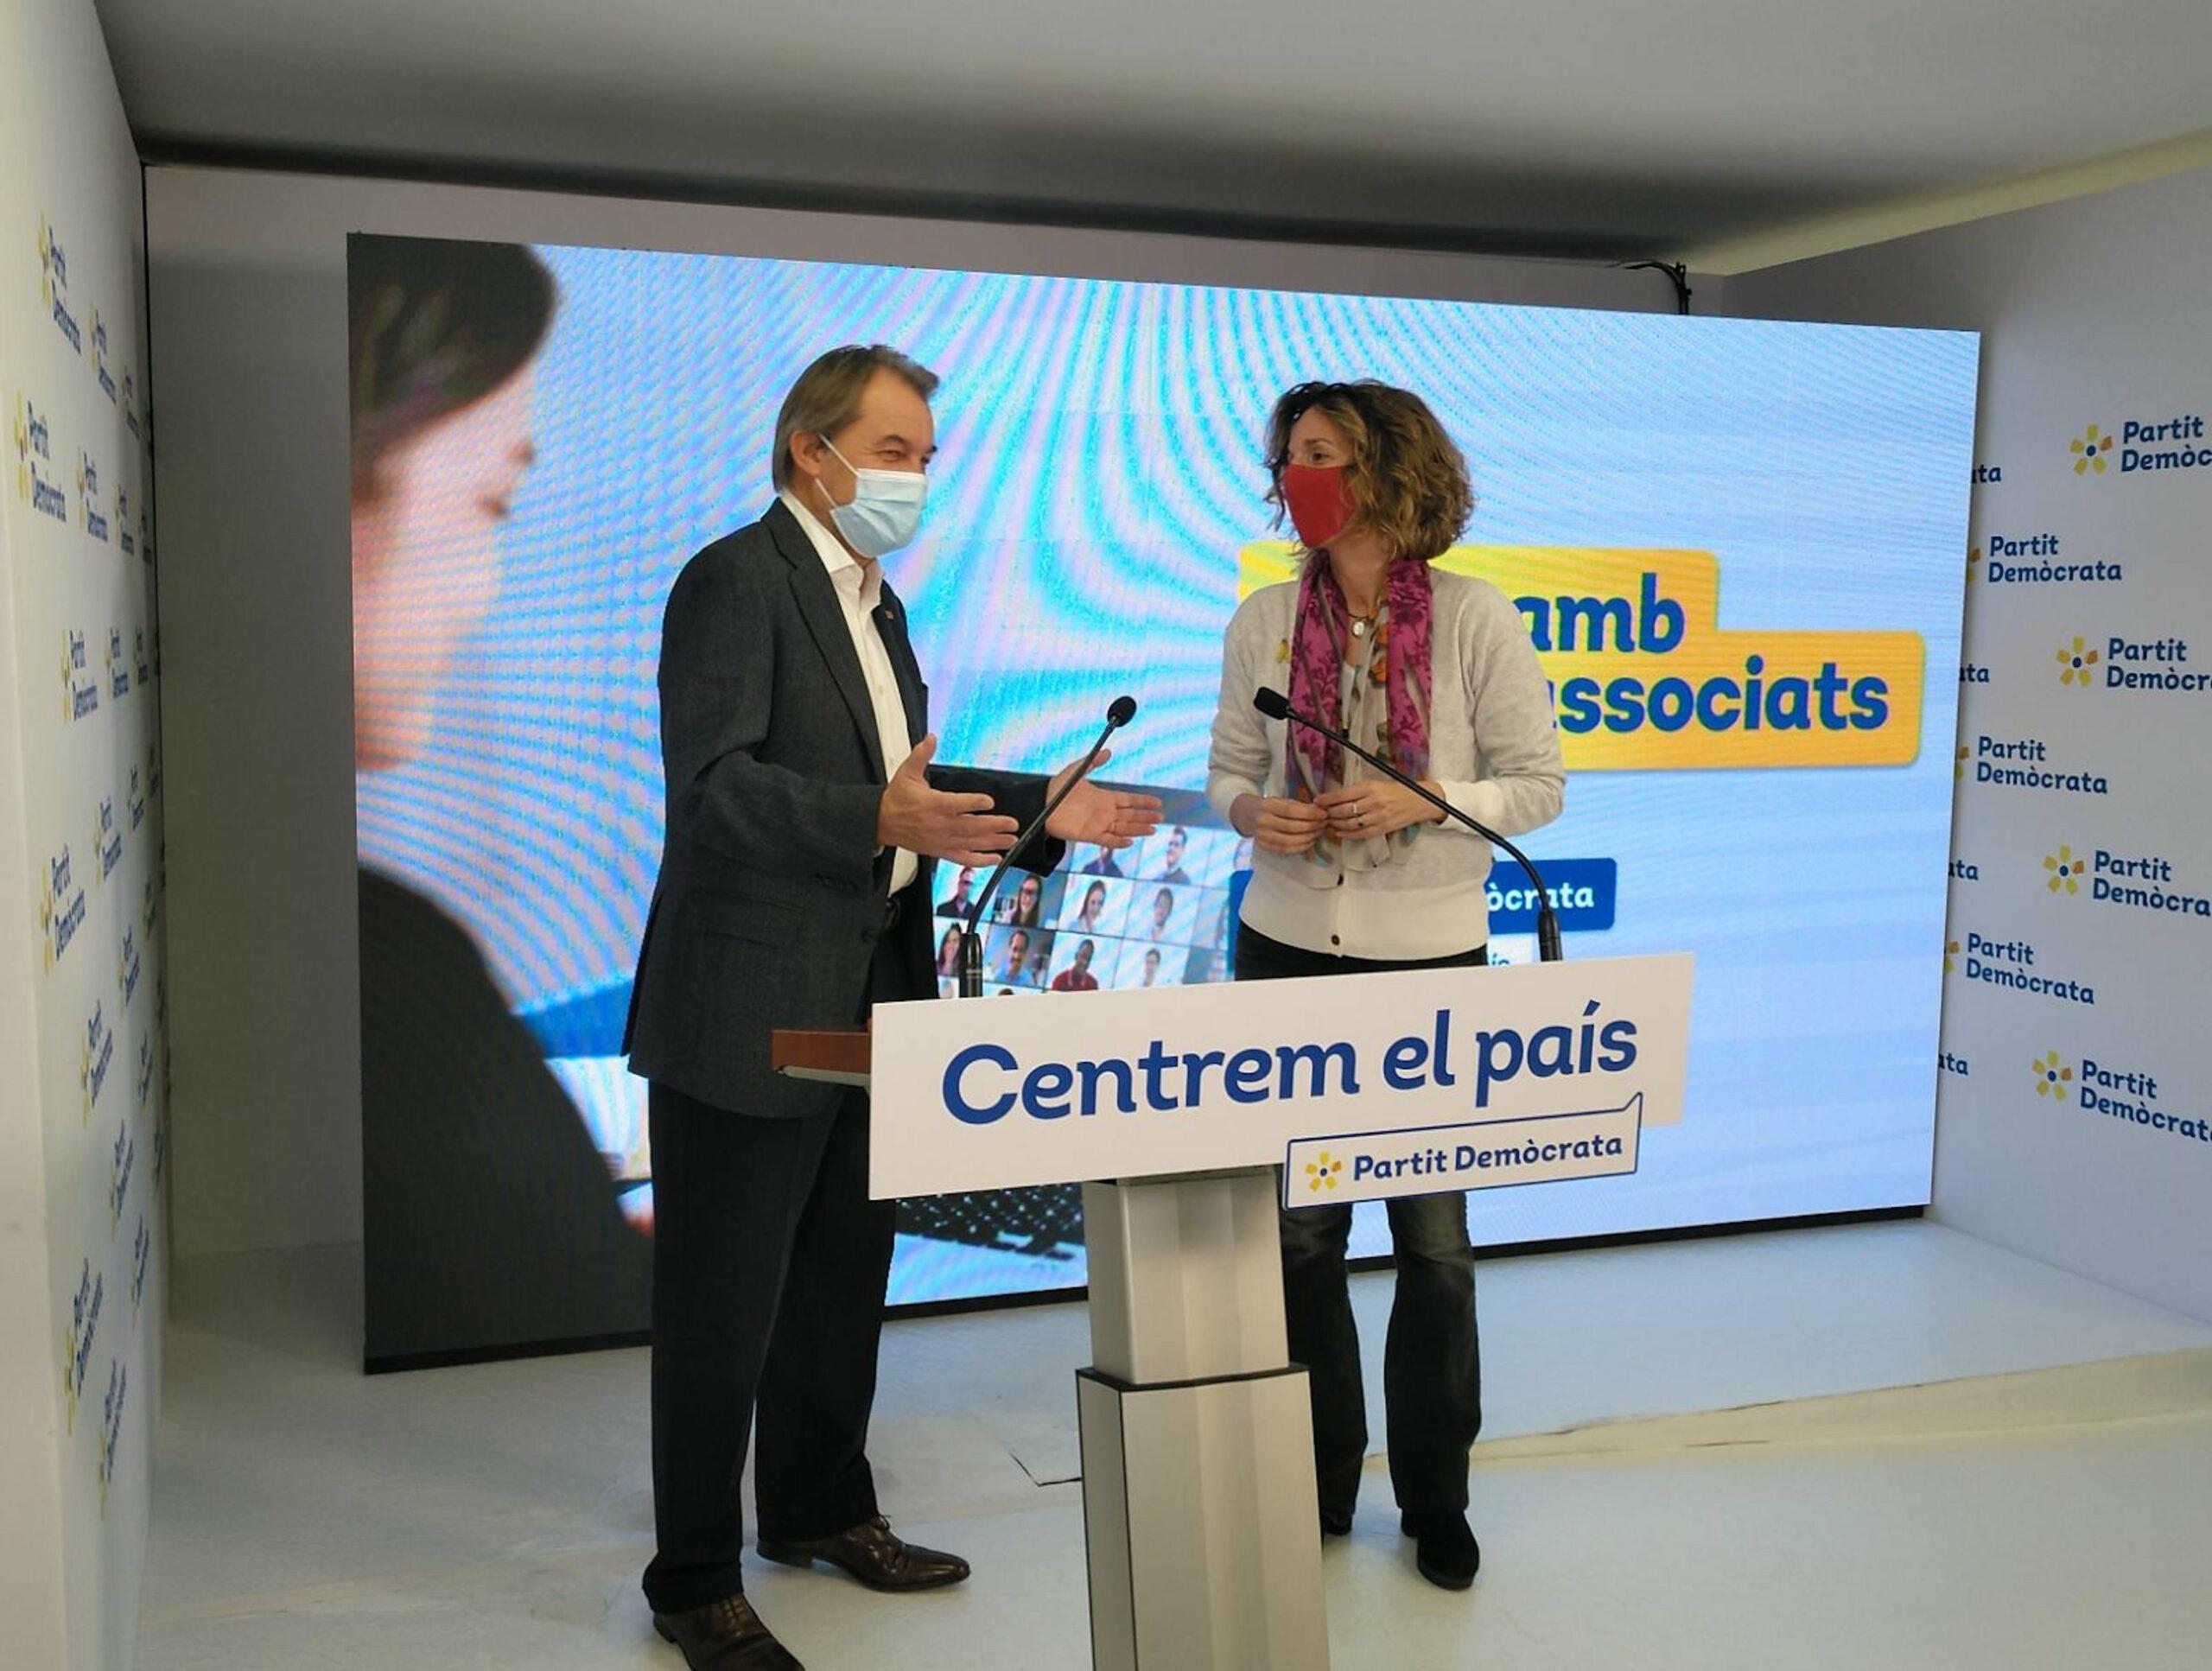 L'expresident de la Generalitat Artur Mas i la candidata Àngels Chacón, en una imatge d'arxiu | ACN